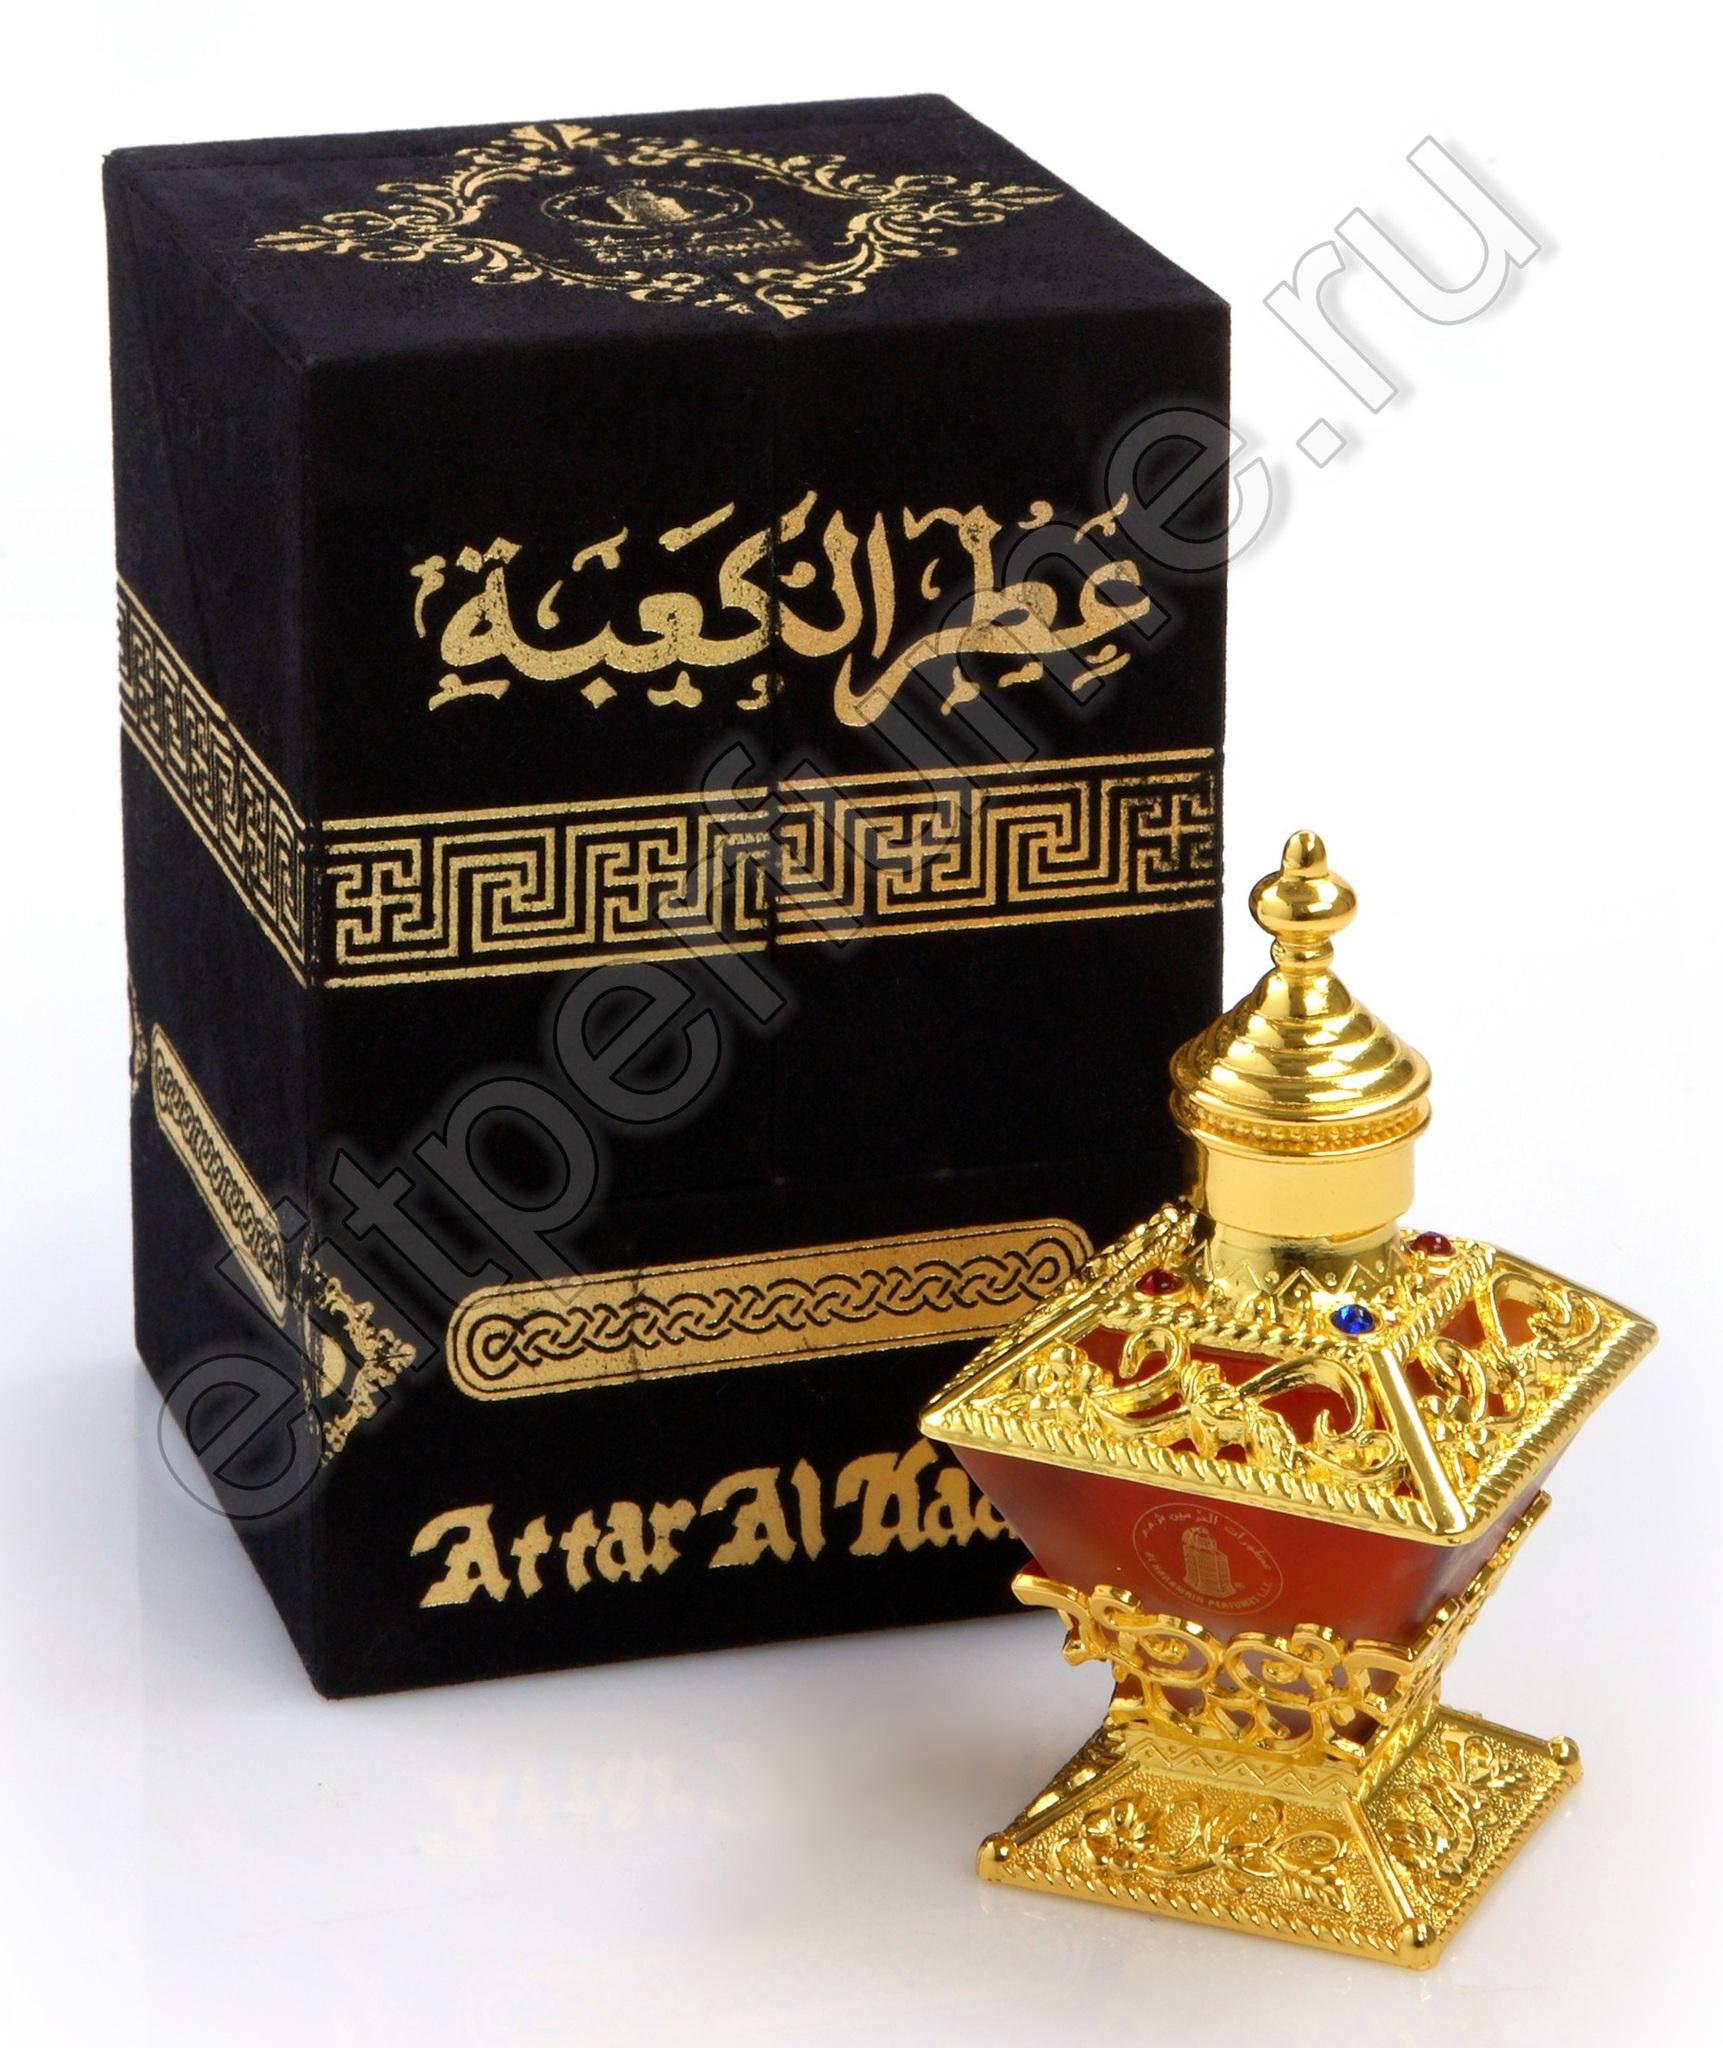 Пробники для духов Аттар Аль-Кааба Attar Al Kaaba 1 мл арабские масляные духи от Аль Харамайн Al Haramin Perfumes